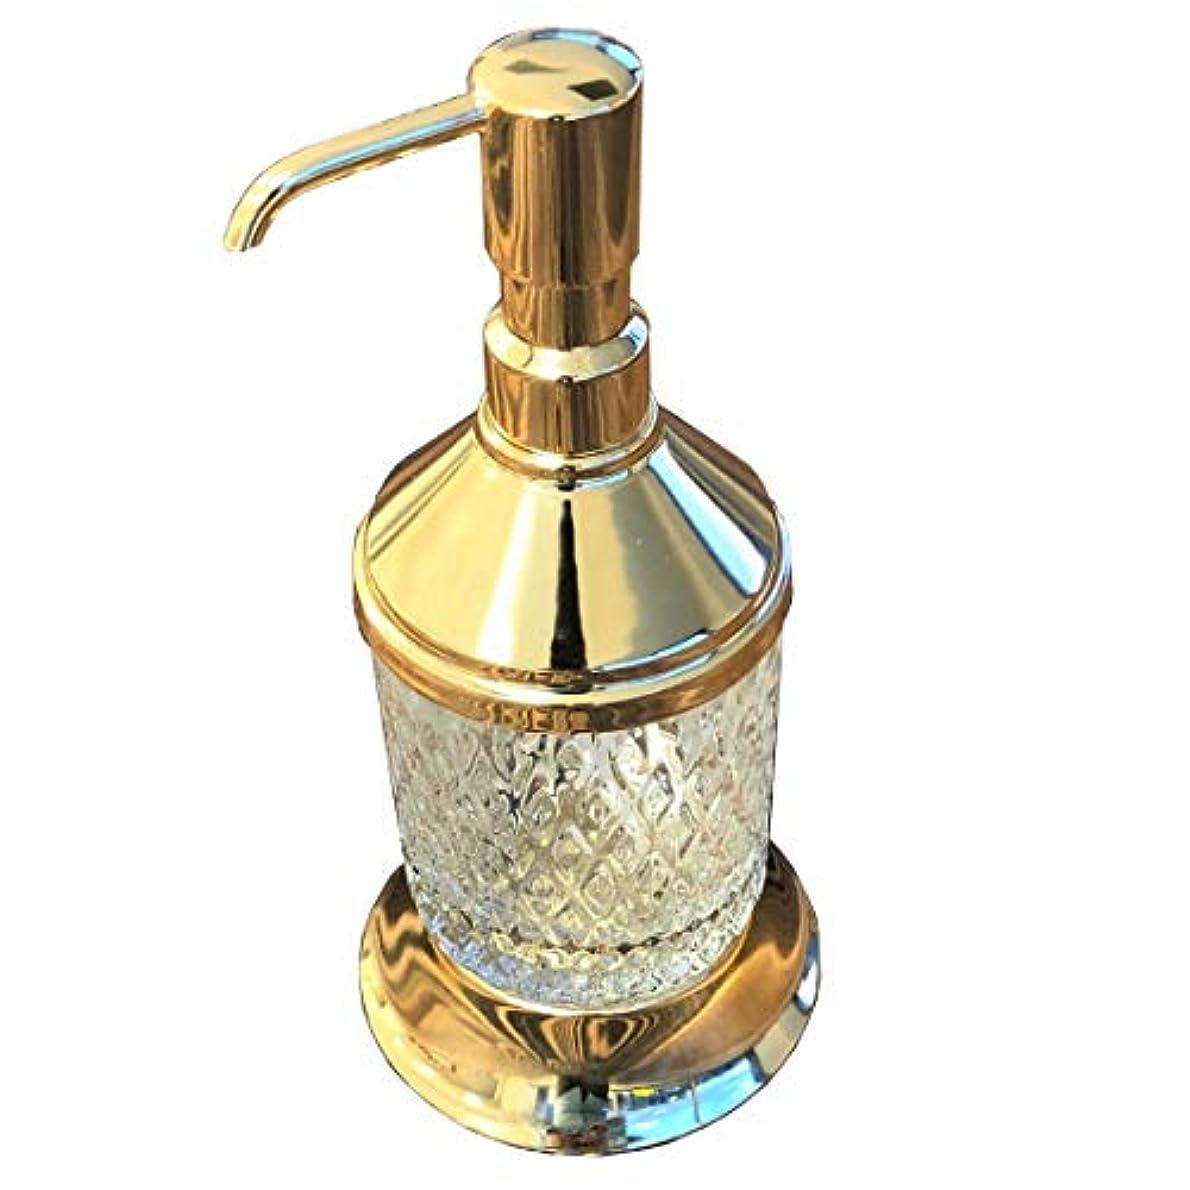 オンスバレルウルルラグジュアリー真鍮Liquid Hand Soapまたはローションdispenser-goldバスルームdecor-brassバスルームアクセサリー